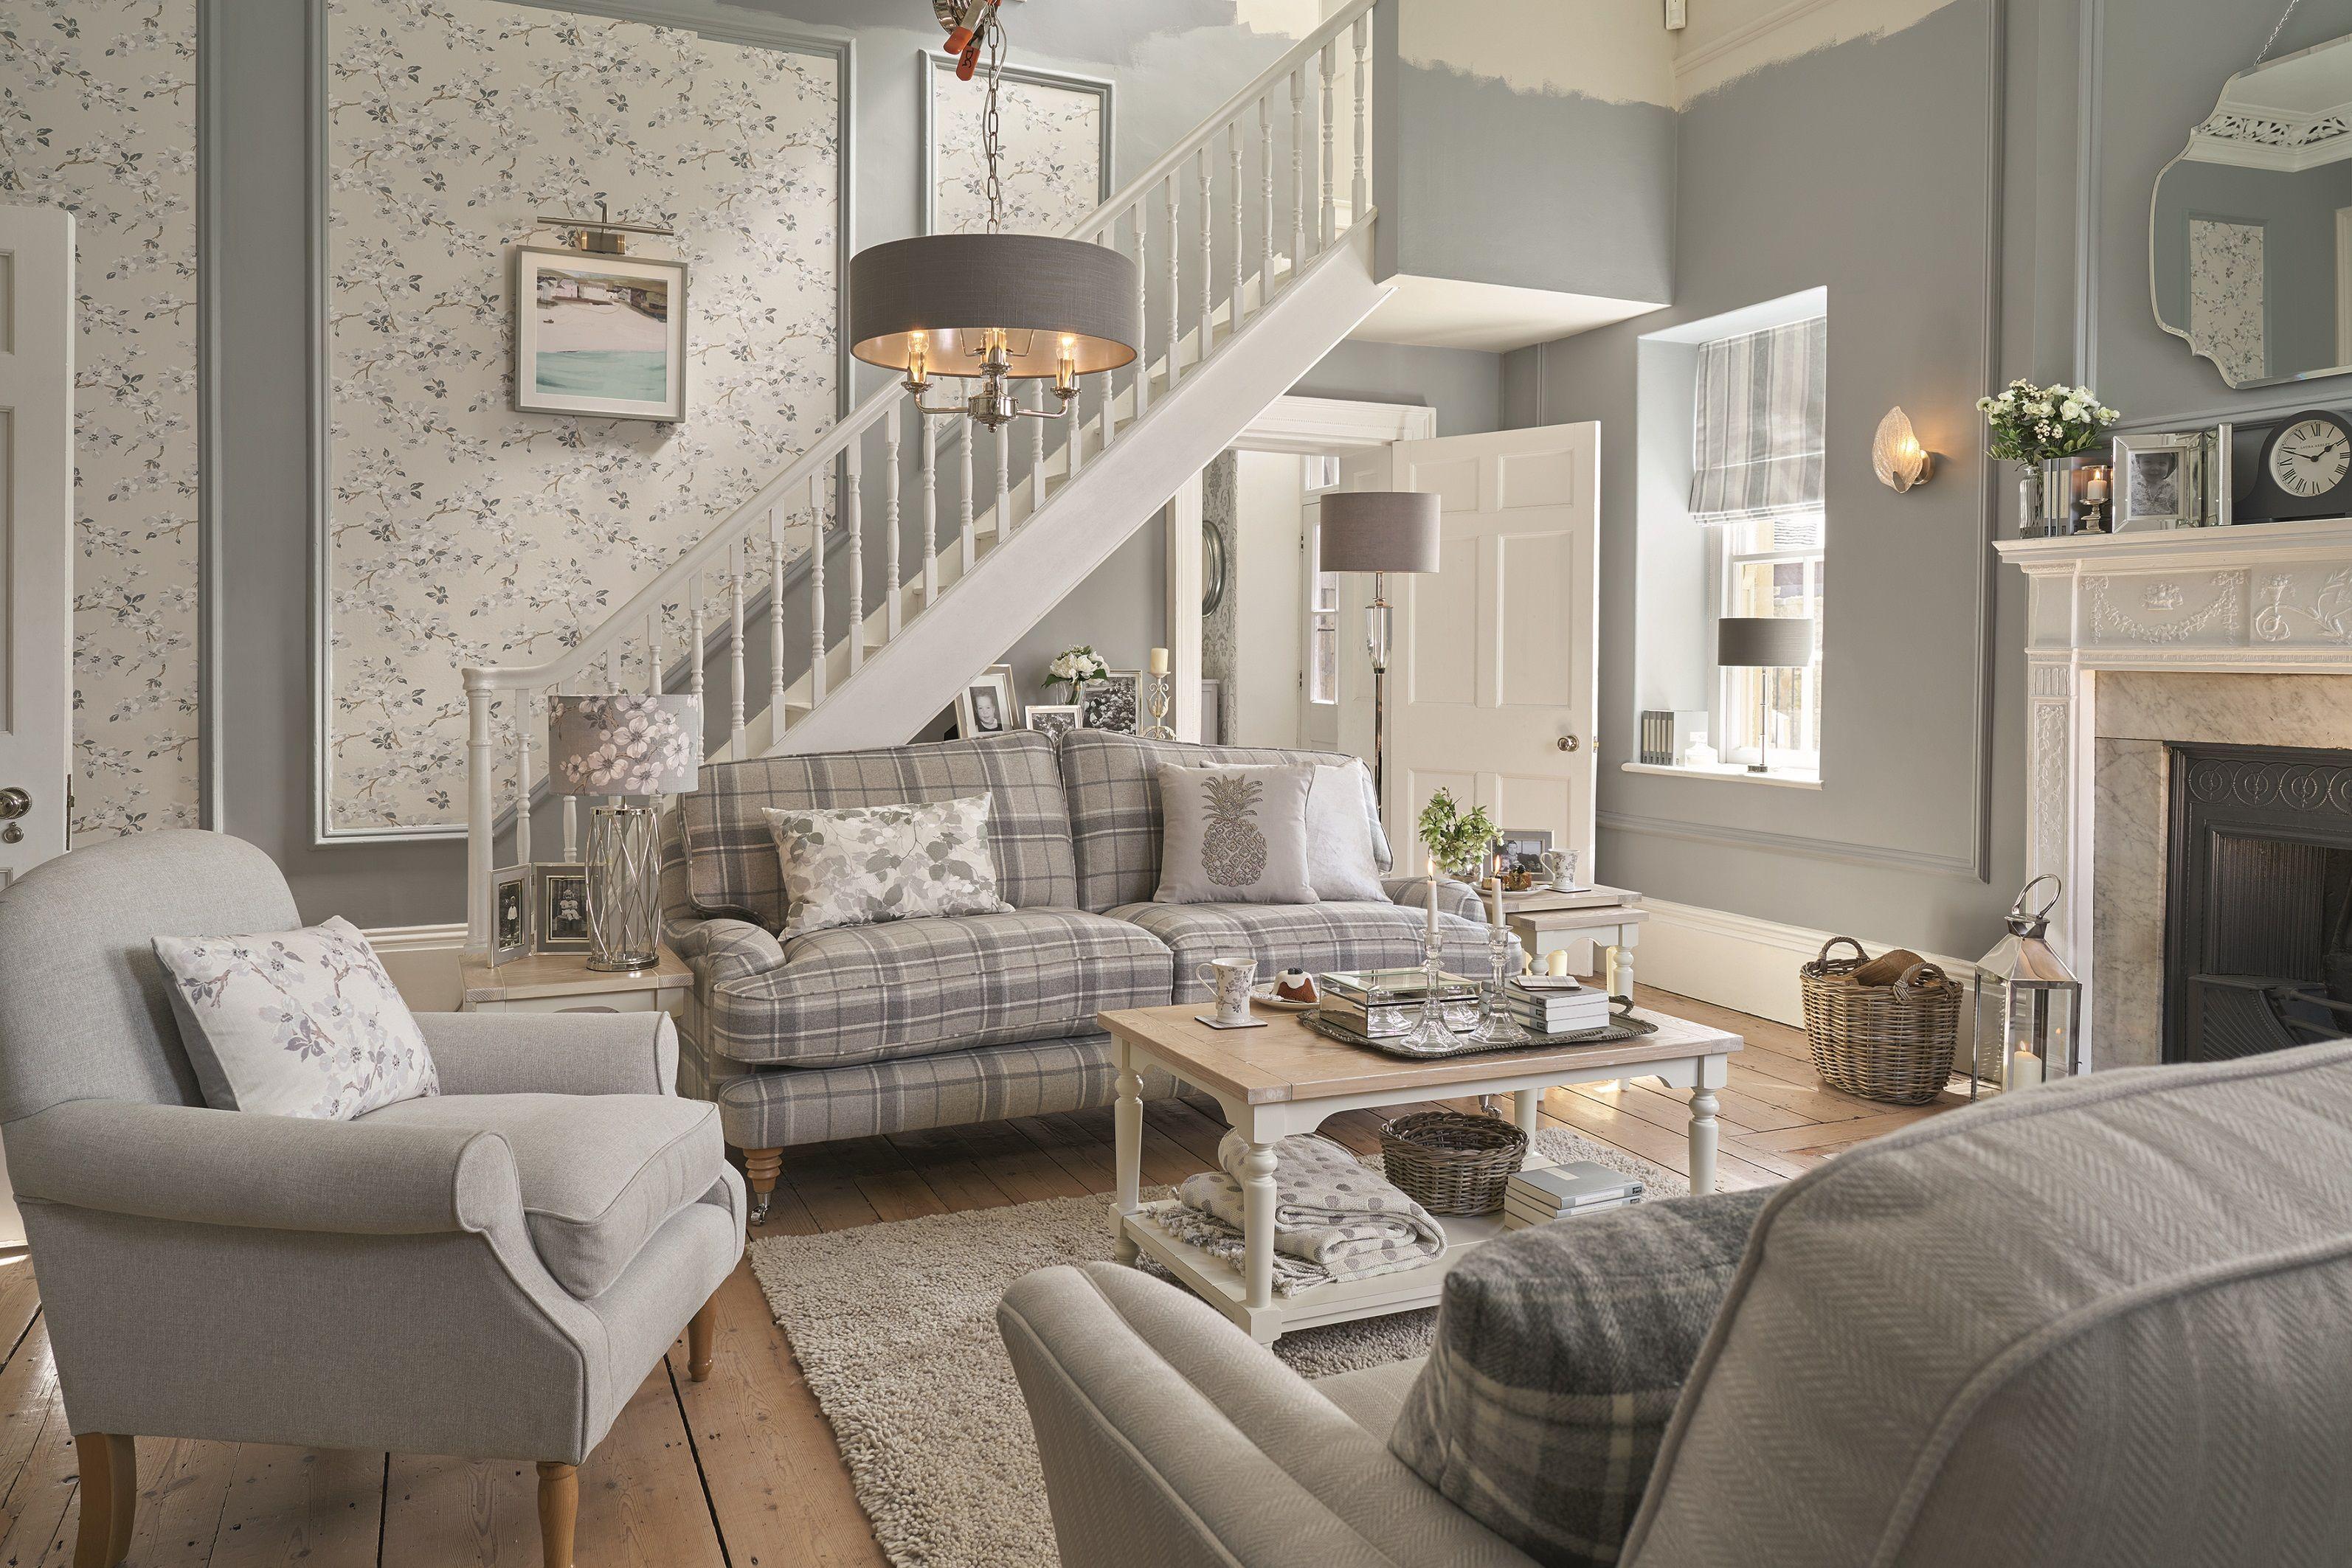 Landhausstil Landhausmobel Bringen Country Chic Ins Haus Das Haus Susanna Spacious Living Room Beautiful Living Rooms Living Room Themes